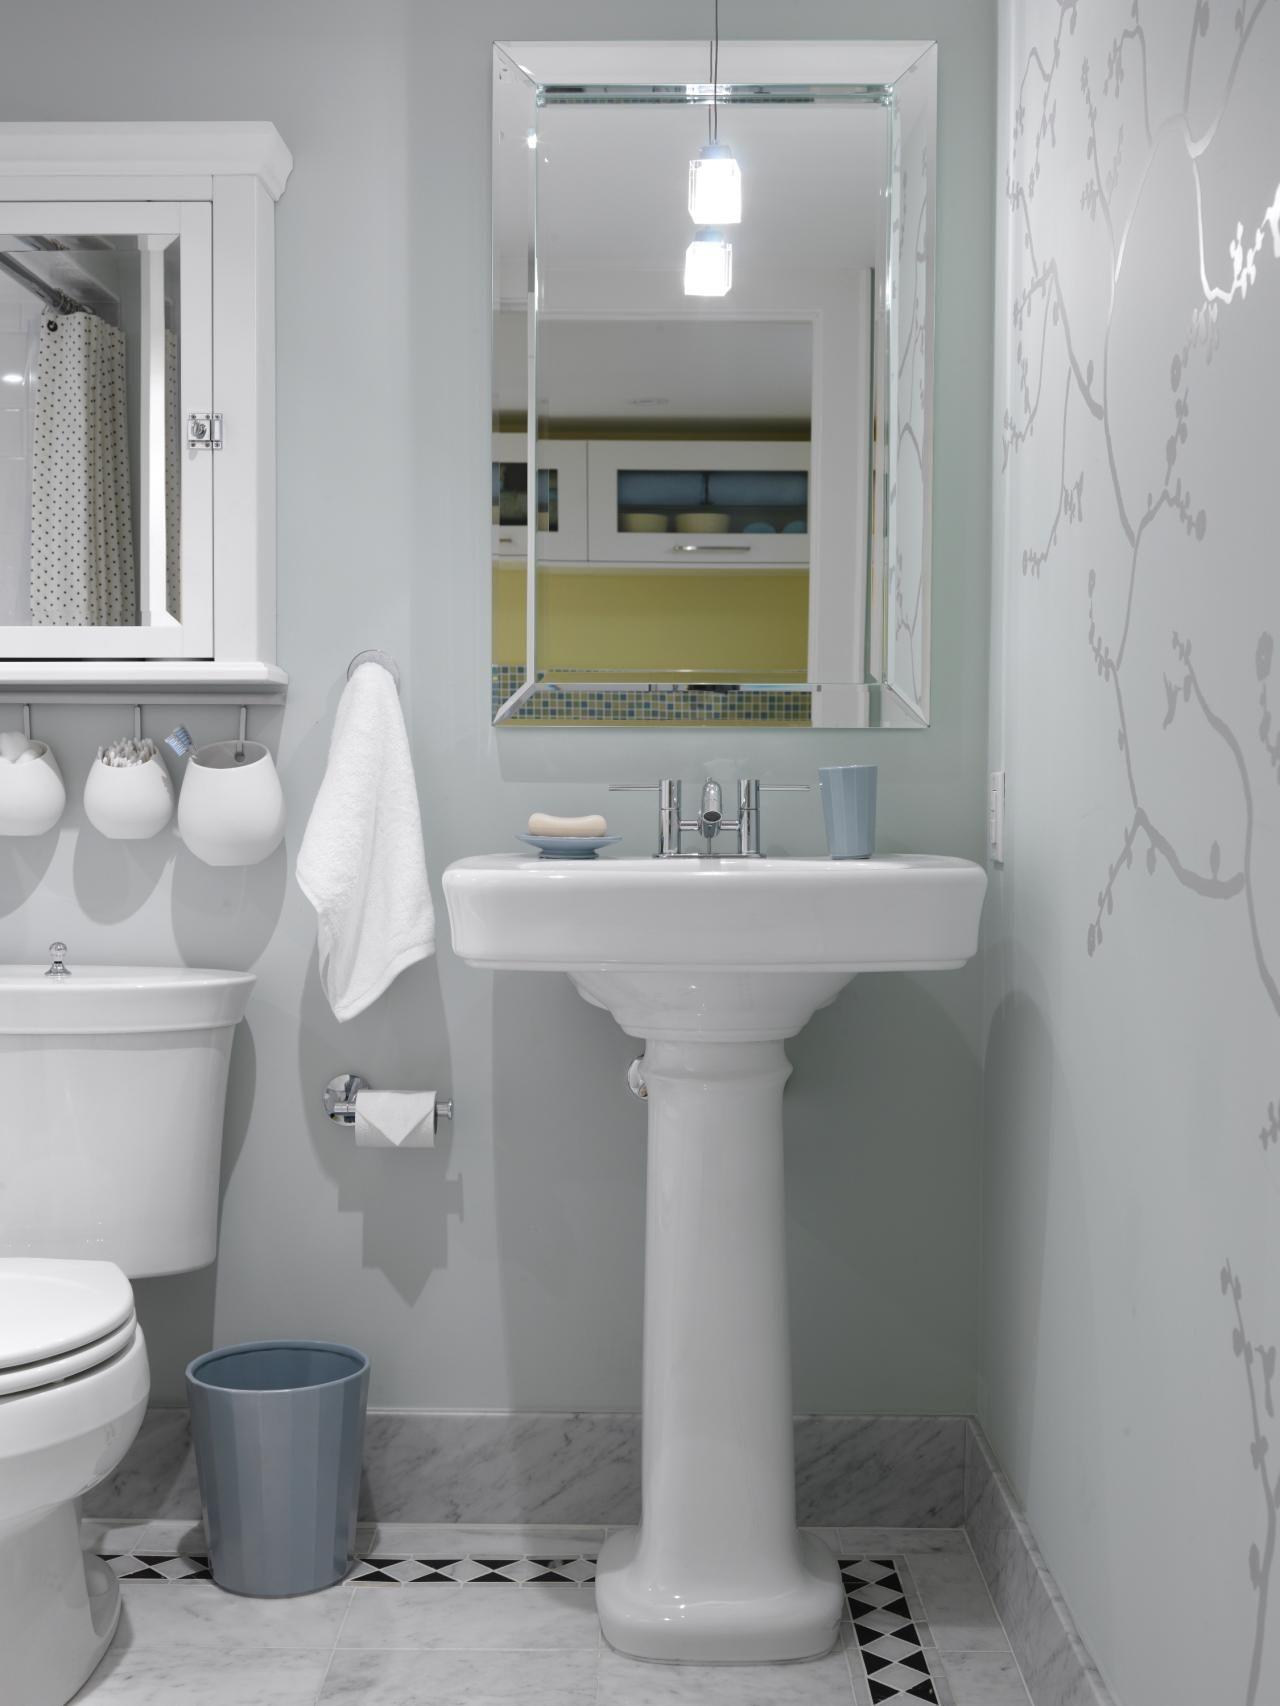 Badezimmer ideen bilder  sensationelle design kleine badezimmer ideen bilder ideen  mehr